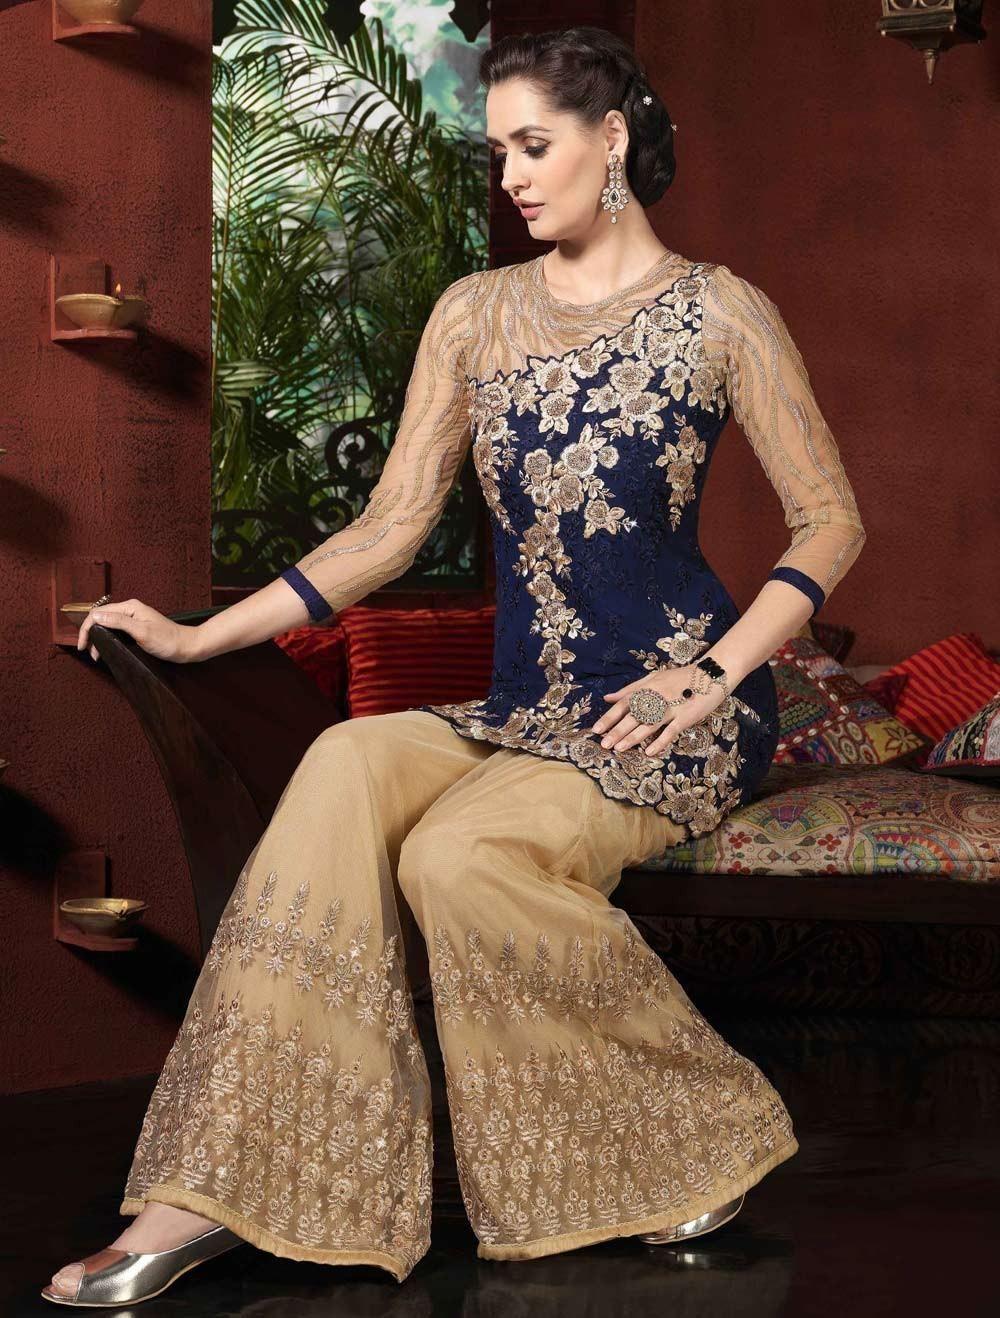 Churidar Shalwar Outfits – 18 Ways to Wear Chori Dar Shalwar